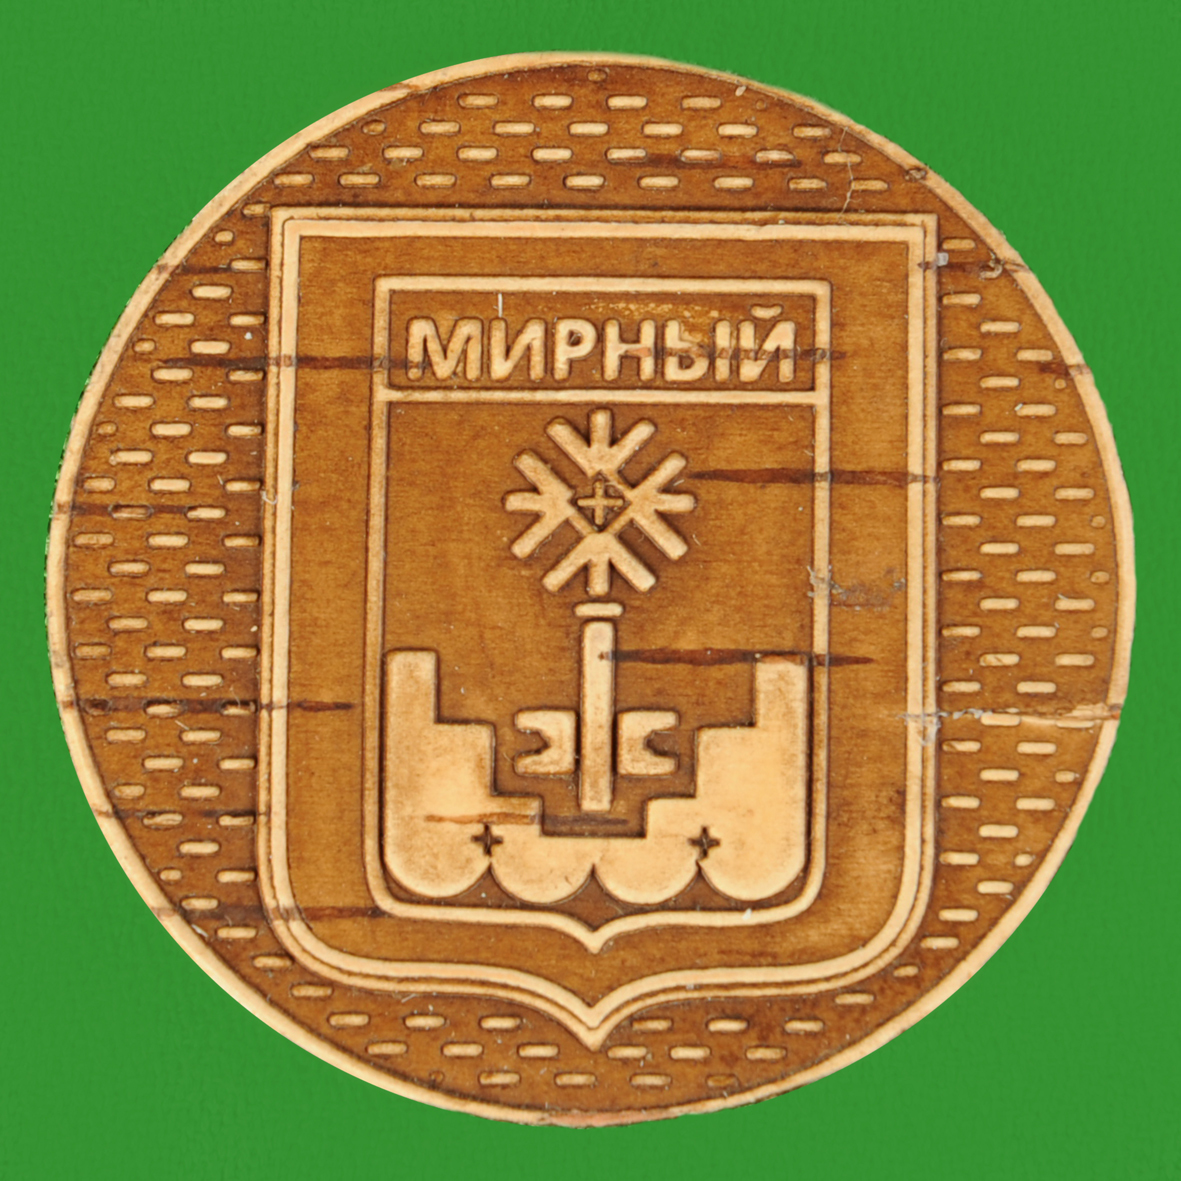 Магнит Мирный герб